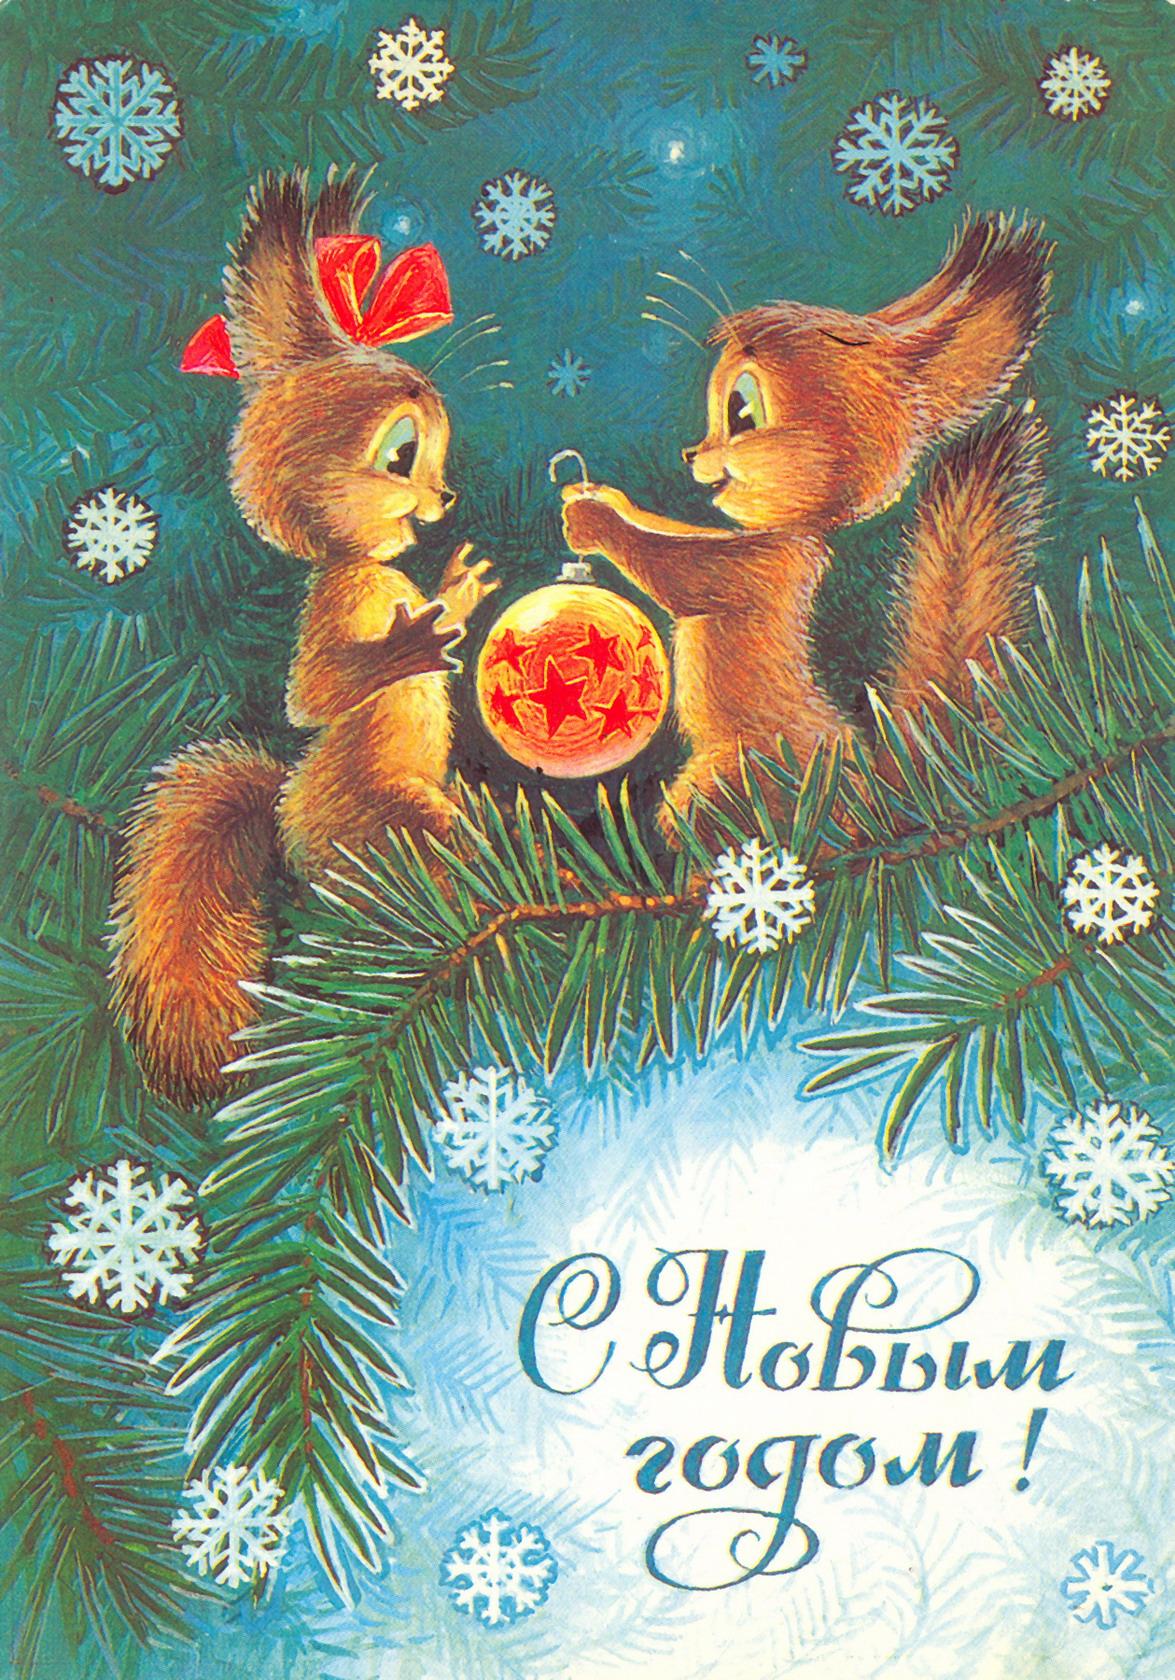 Смотреть открытки новогодние, открытки днем учителя